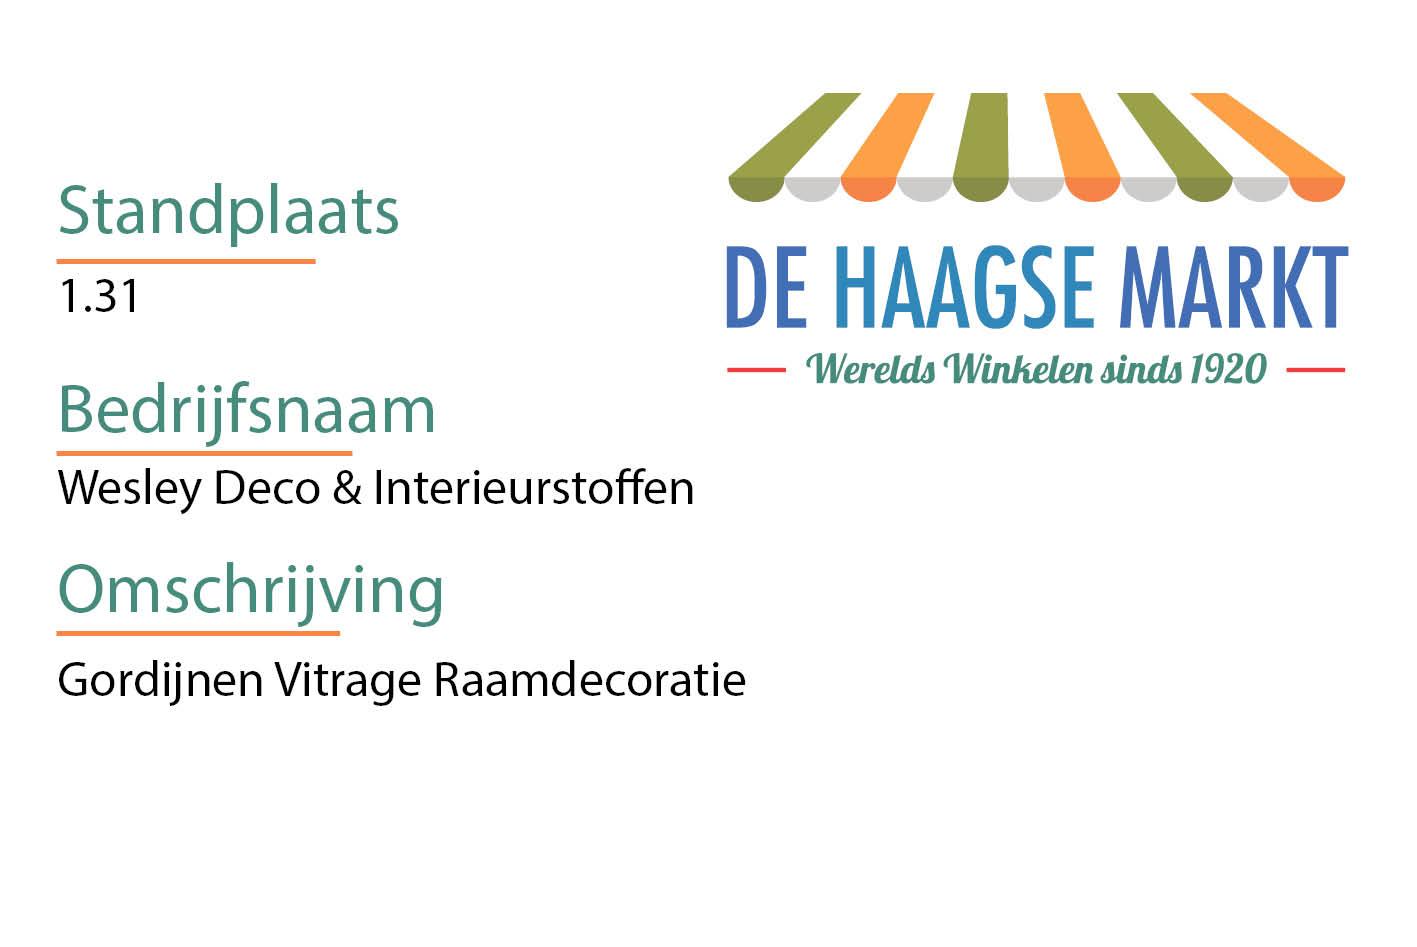 Wesley Deco & Interieurstoffen - De Haagsemarkt